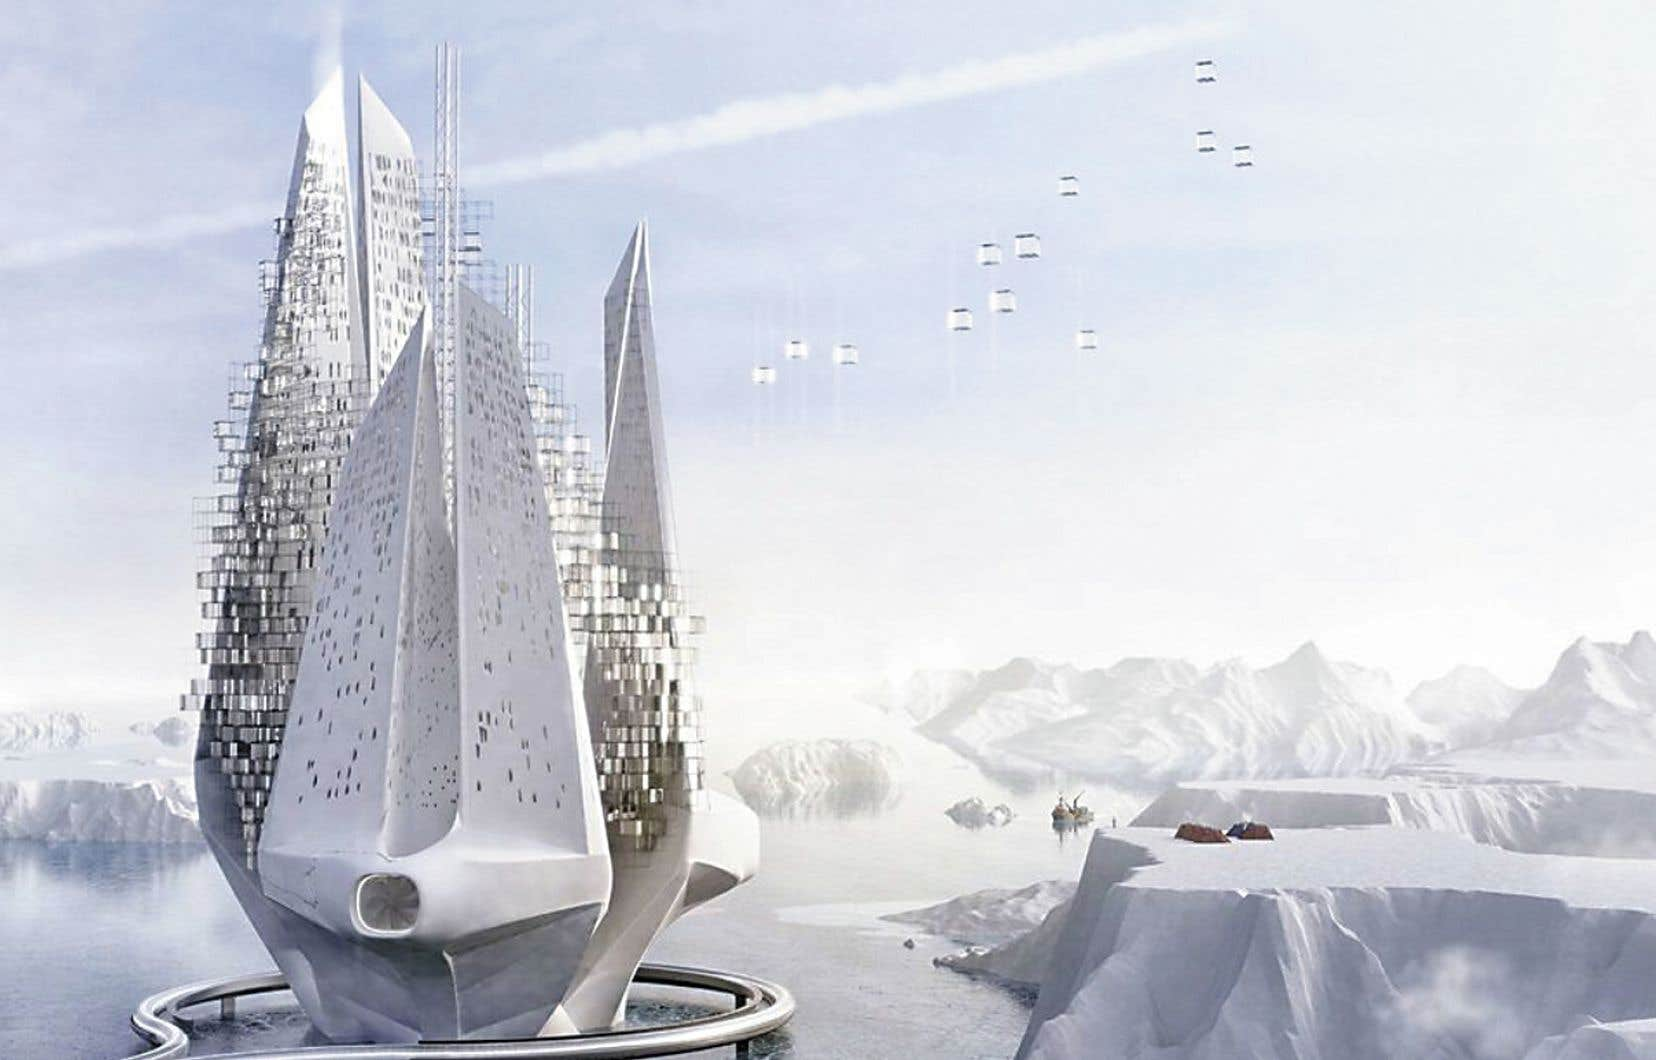 Le gratte-ciel flottant Heal-berga été pensé dans un contexte de réchauffement climatique et de montée des eaux.